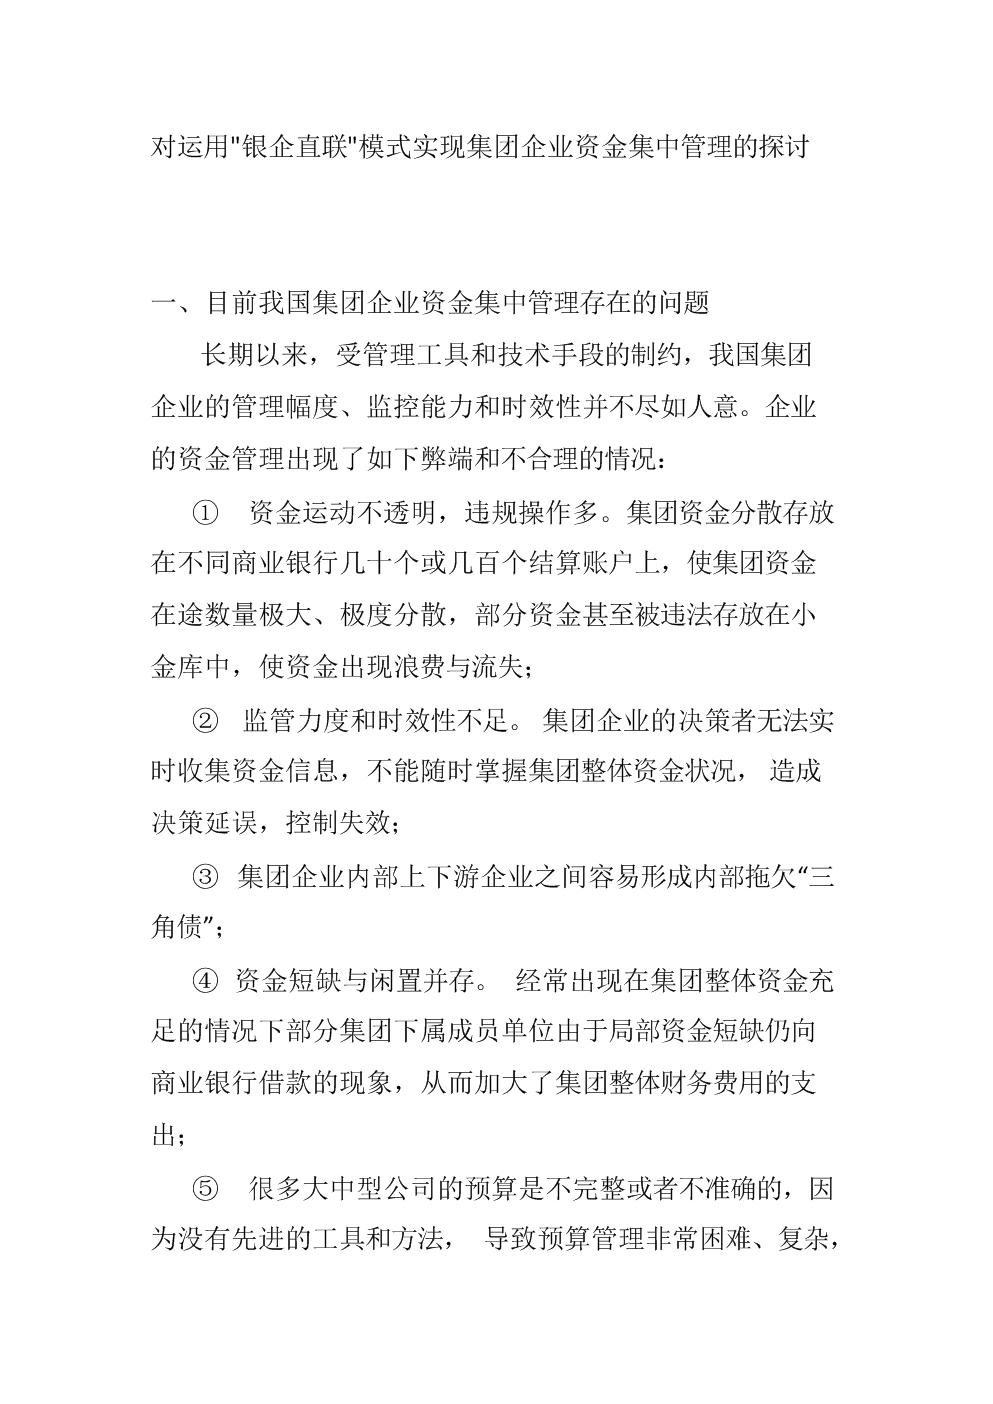 银企直联企业资金集中管理的研讨.doc